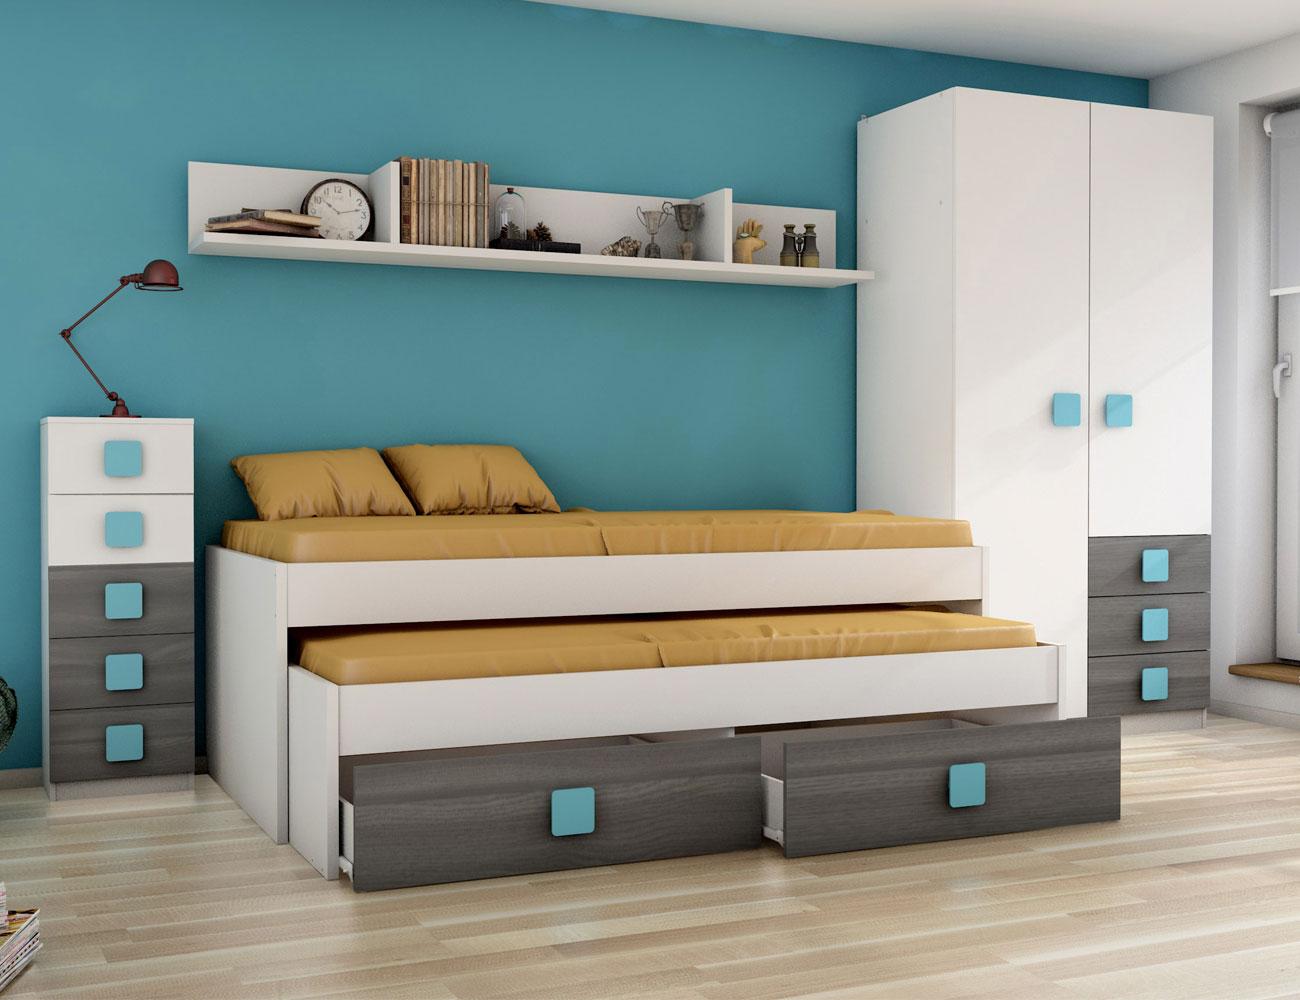 Dormitorio juvenil grafito ceniza azul2